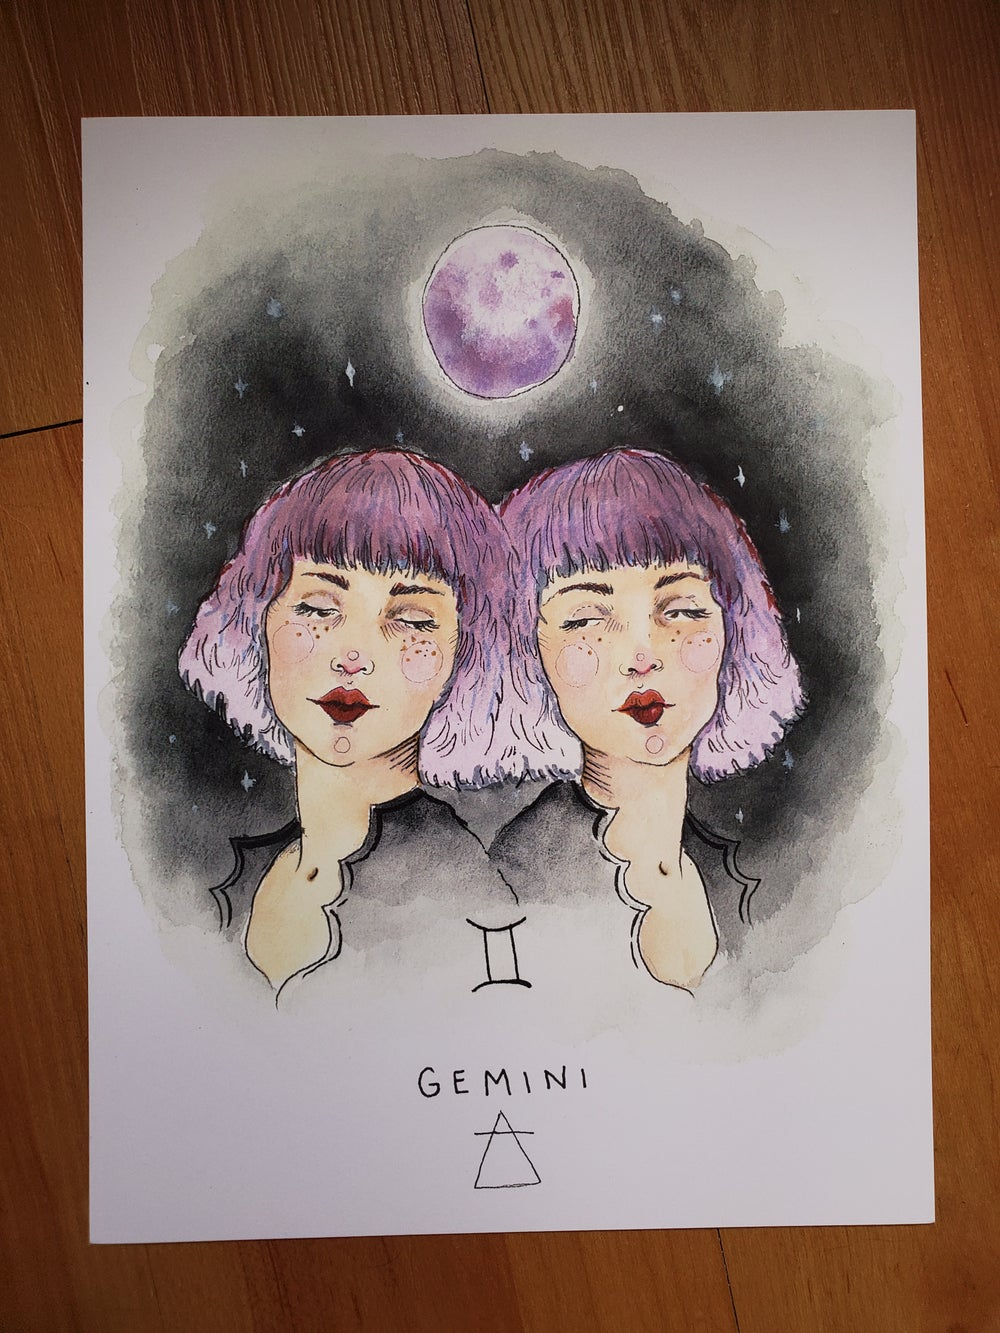 Image of Gemini print